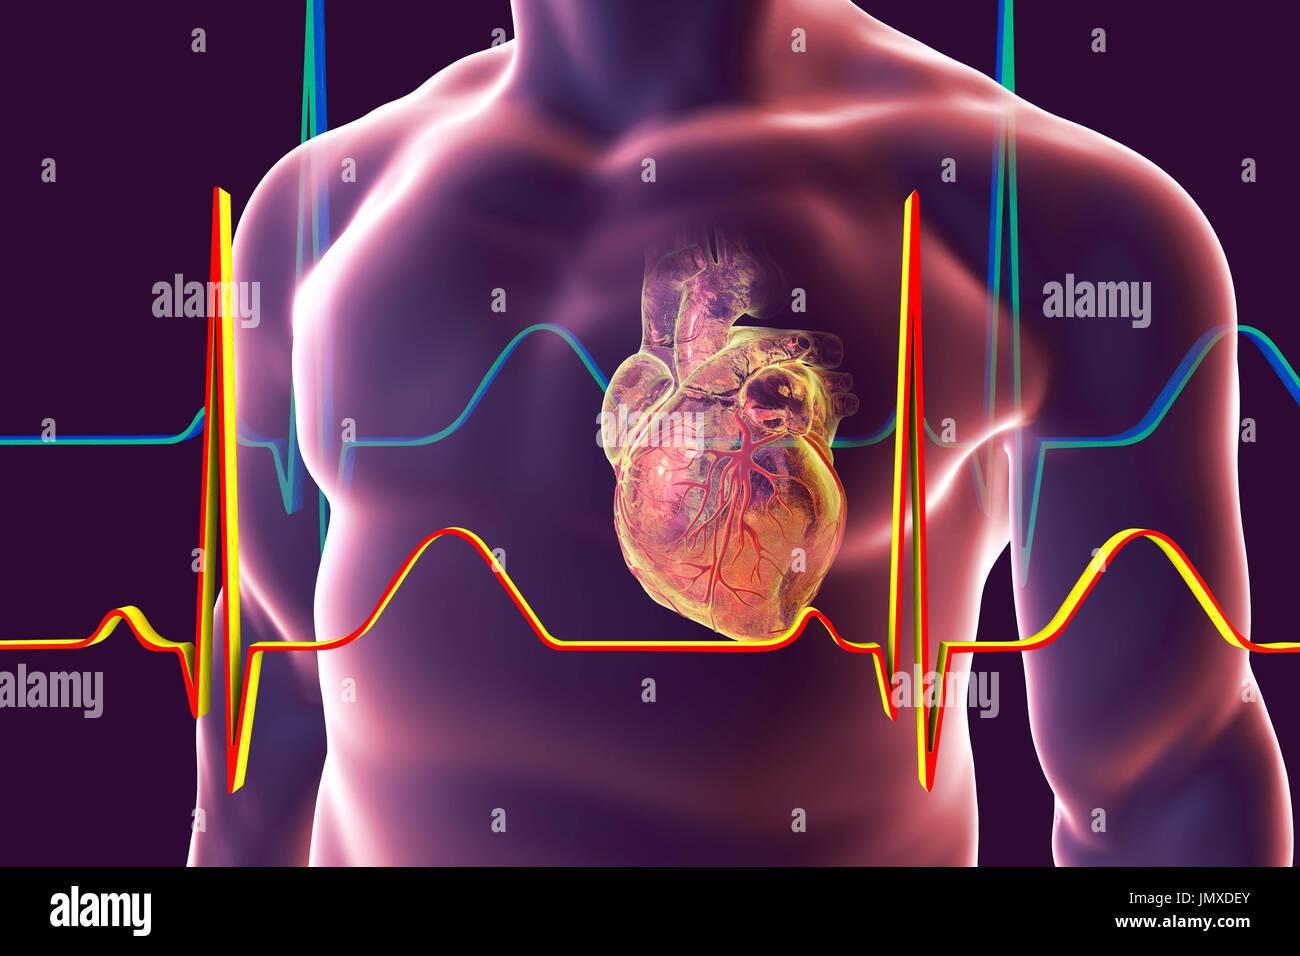 Fantastisch Herz Menschlicher Körper Fotos - Anatomie Von ...